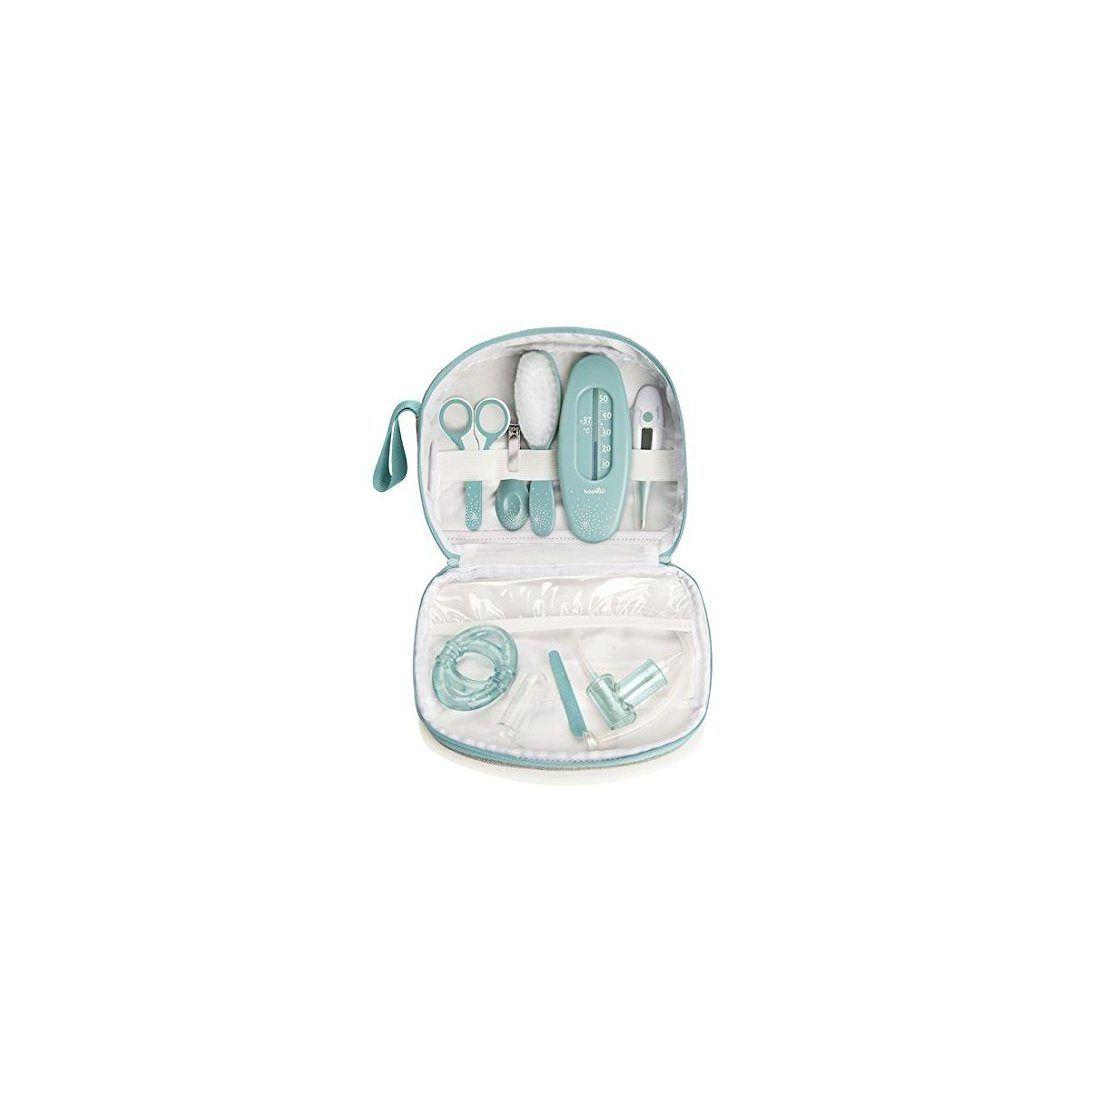 Babymoov Trousse de Soin Bébé Compact 9 Accessoires Inclus